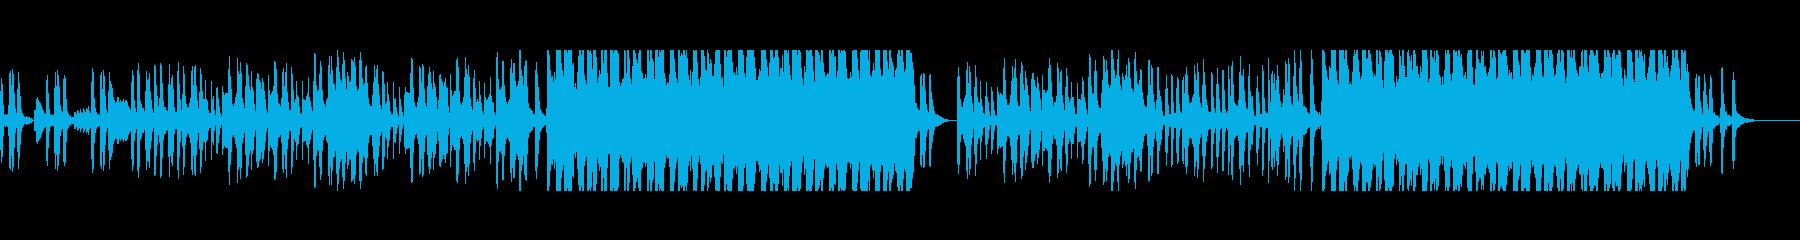 怪しく情熱的な異国情緒ゴシック風タンゴ曲の再生済みの波形